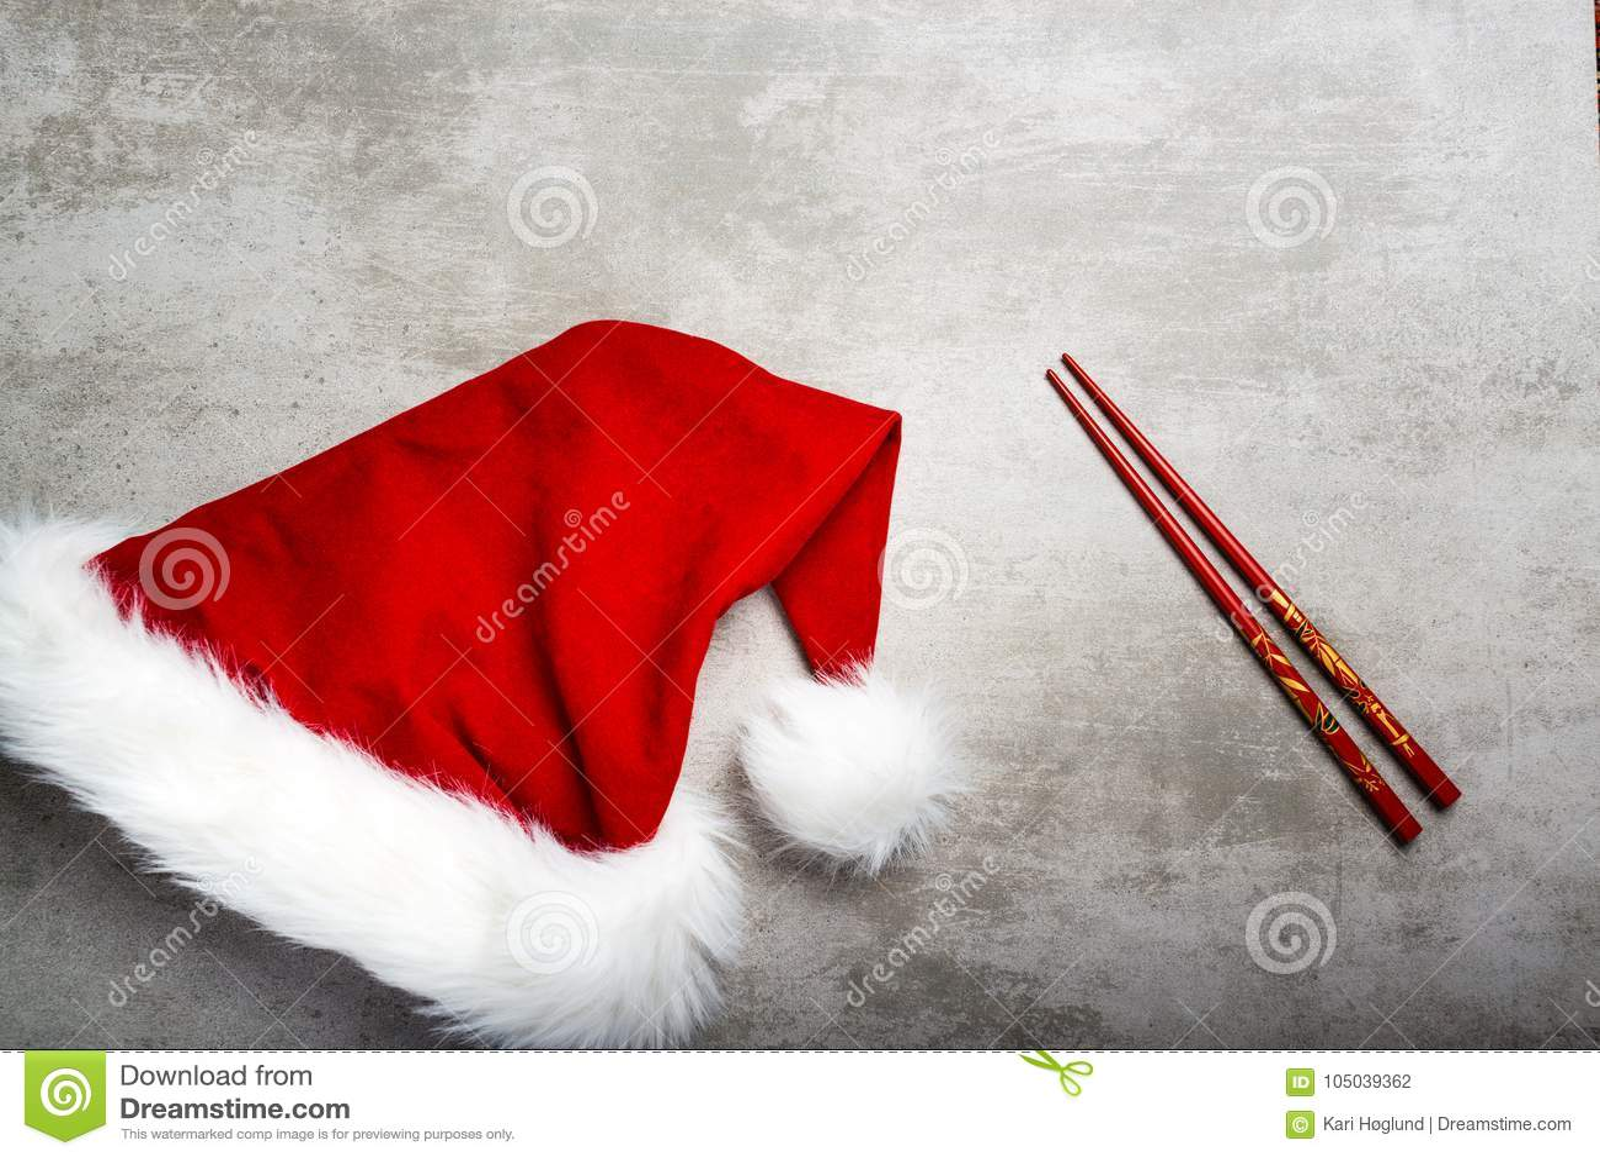 Красные шляпа и палочки santa на серой конкретной таблице